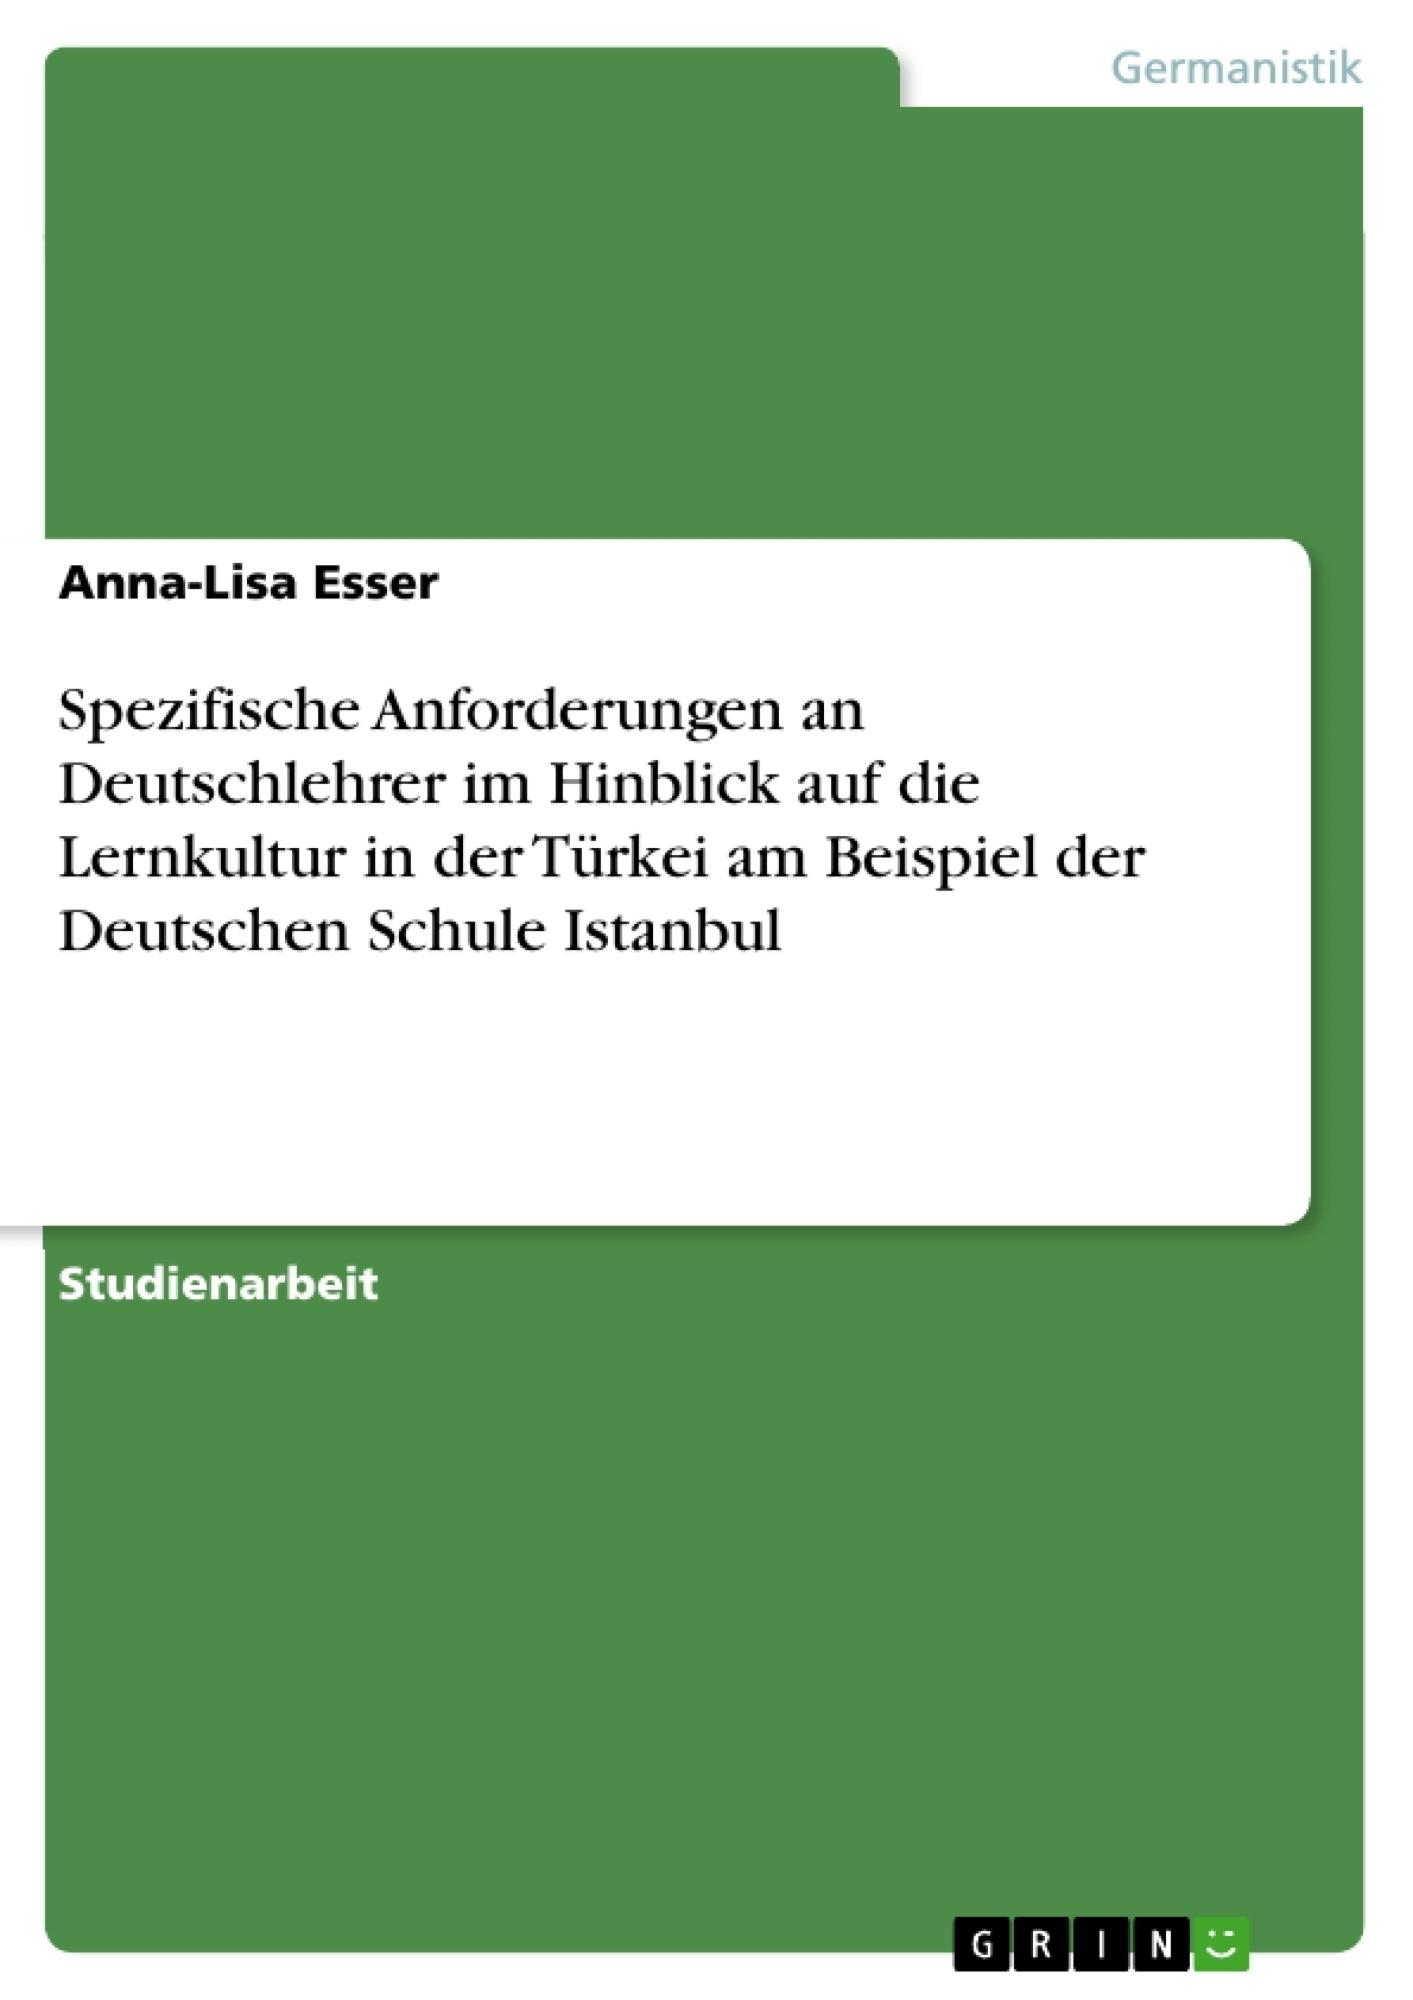 Titel: Spezifische Anforderungen an Deutschlehrer im Hinblick auf die Lernkultur in der Türkei am Beispiel der Deutschen Schule Istanbul